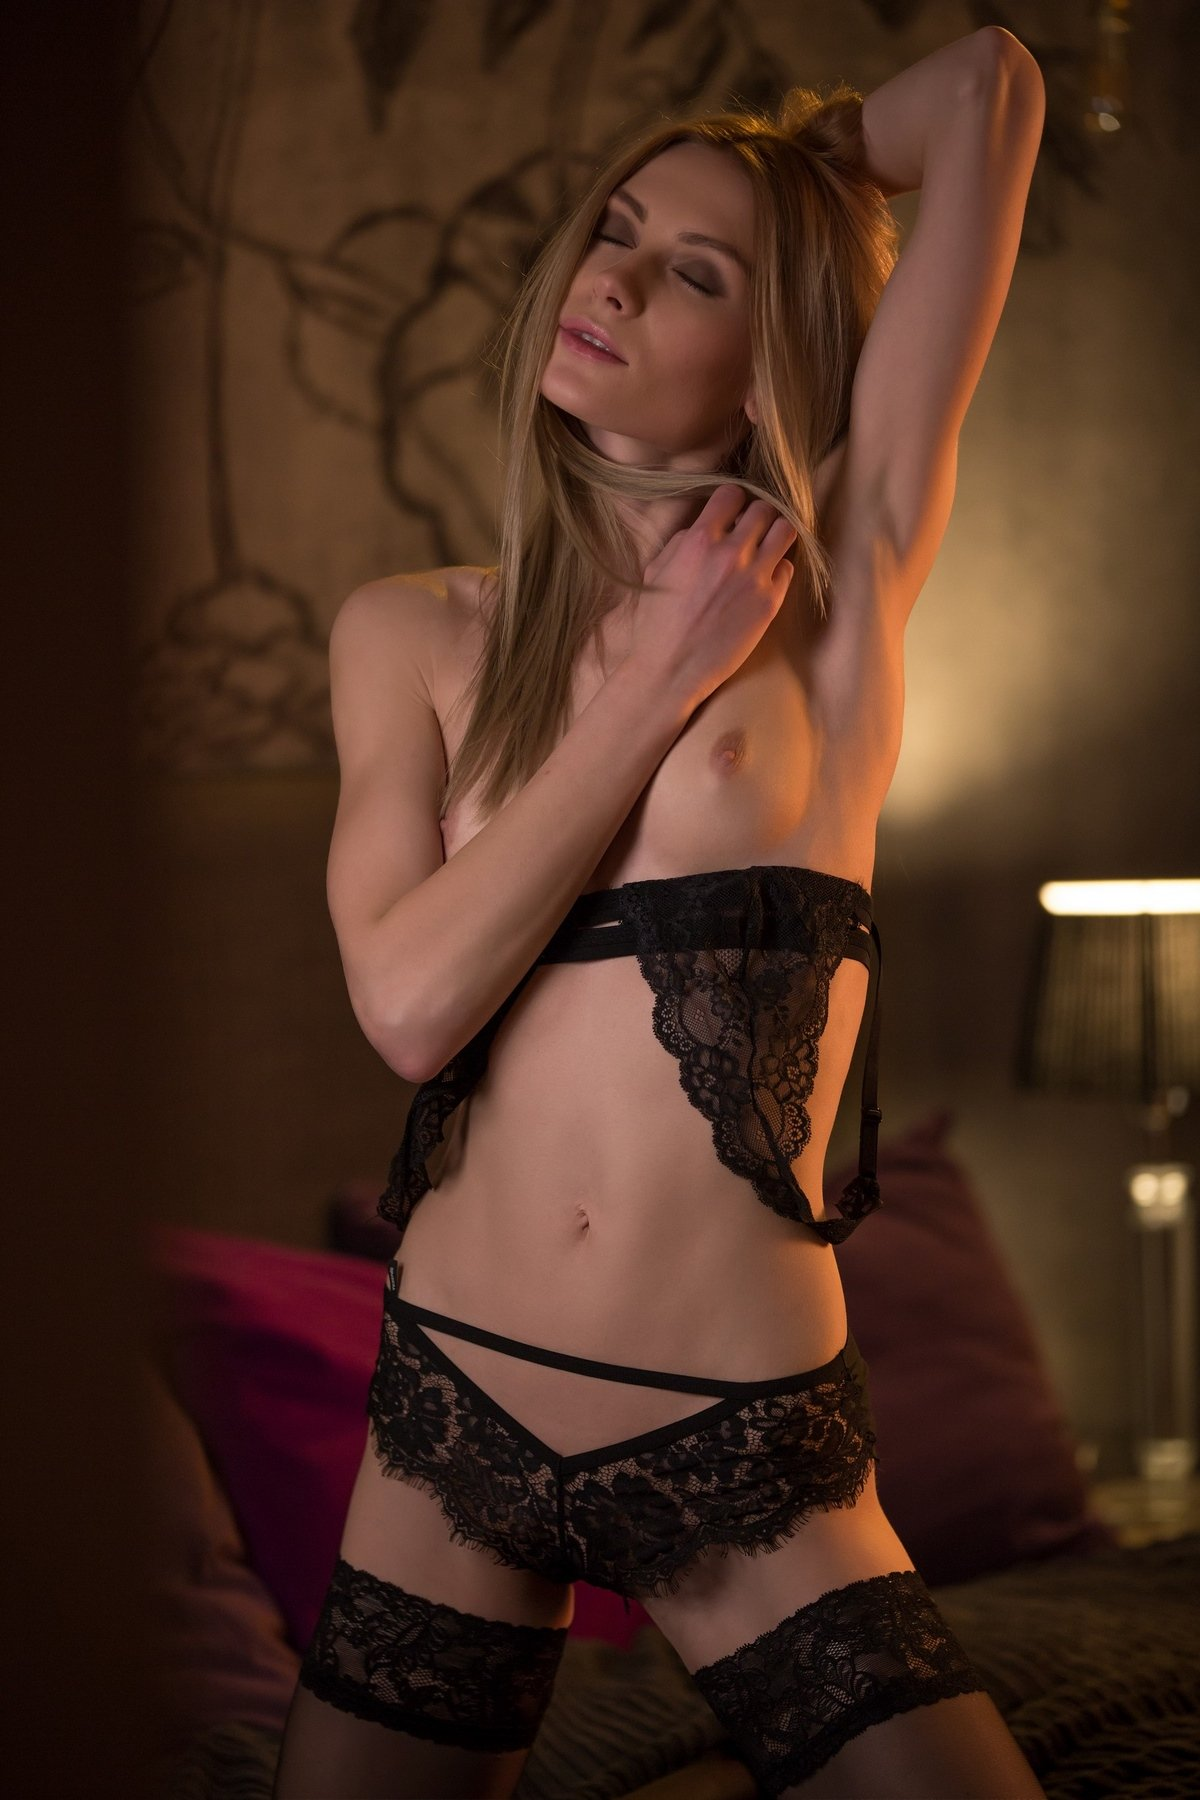 Блондинка сексуально позирует на кровати в черном корсете и в черных кружевных чулках